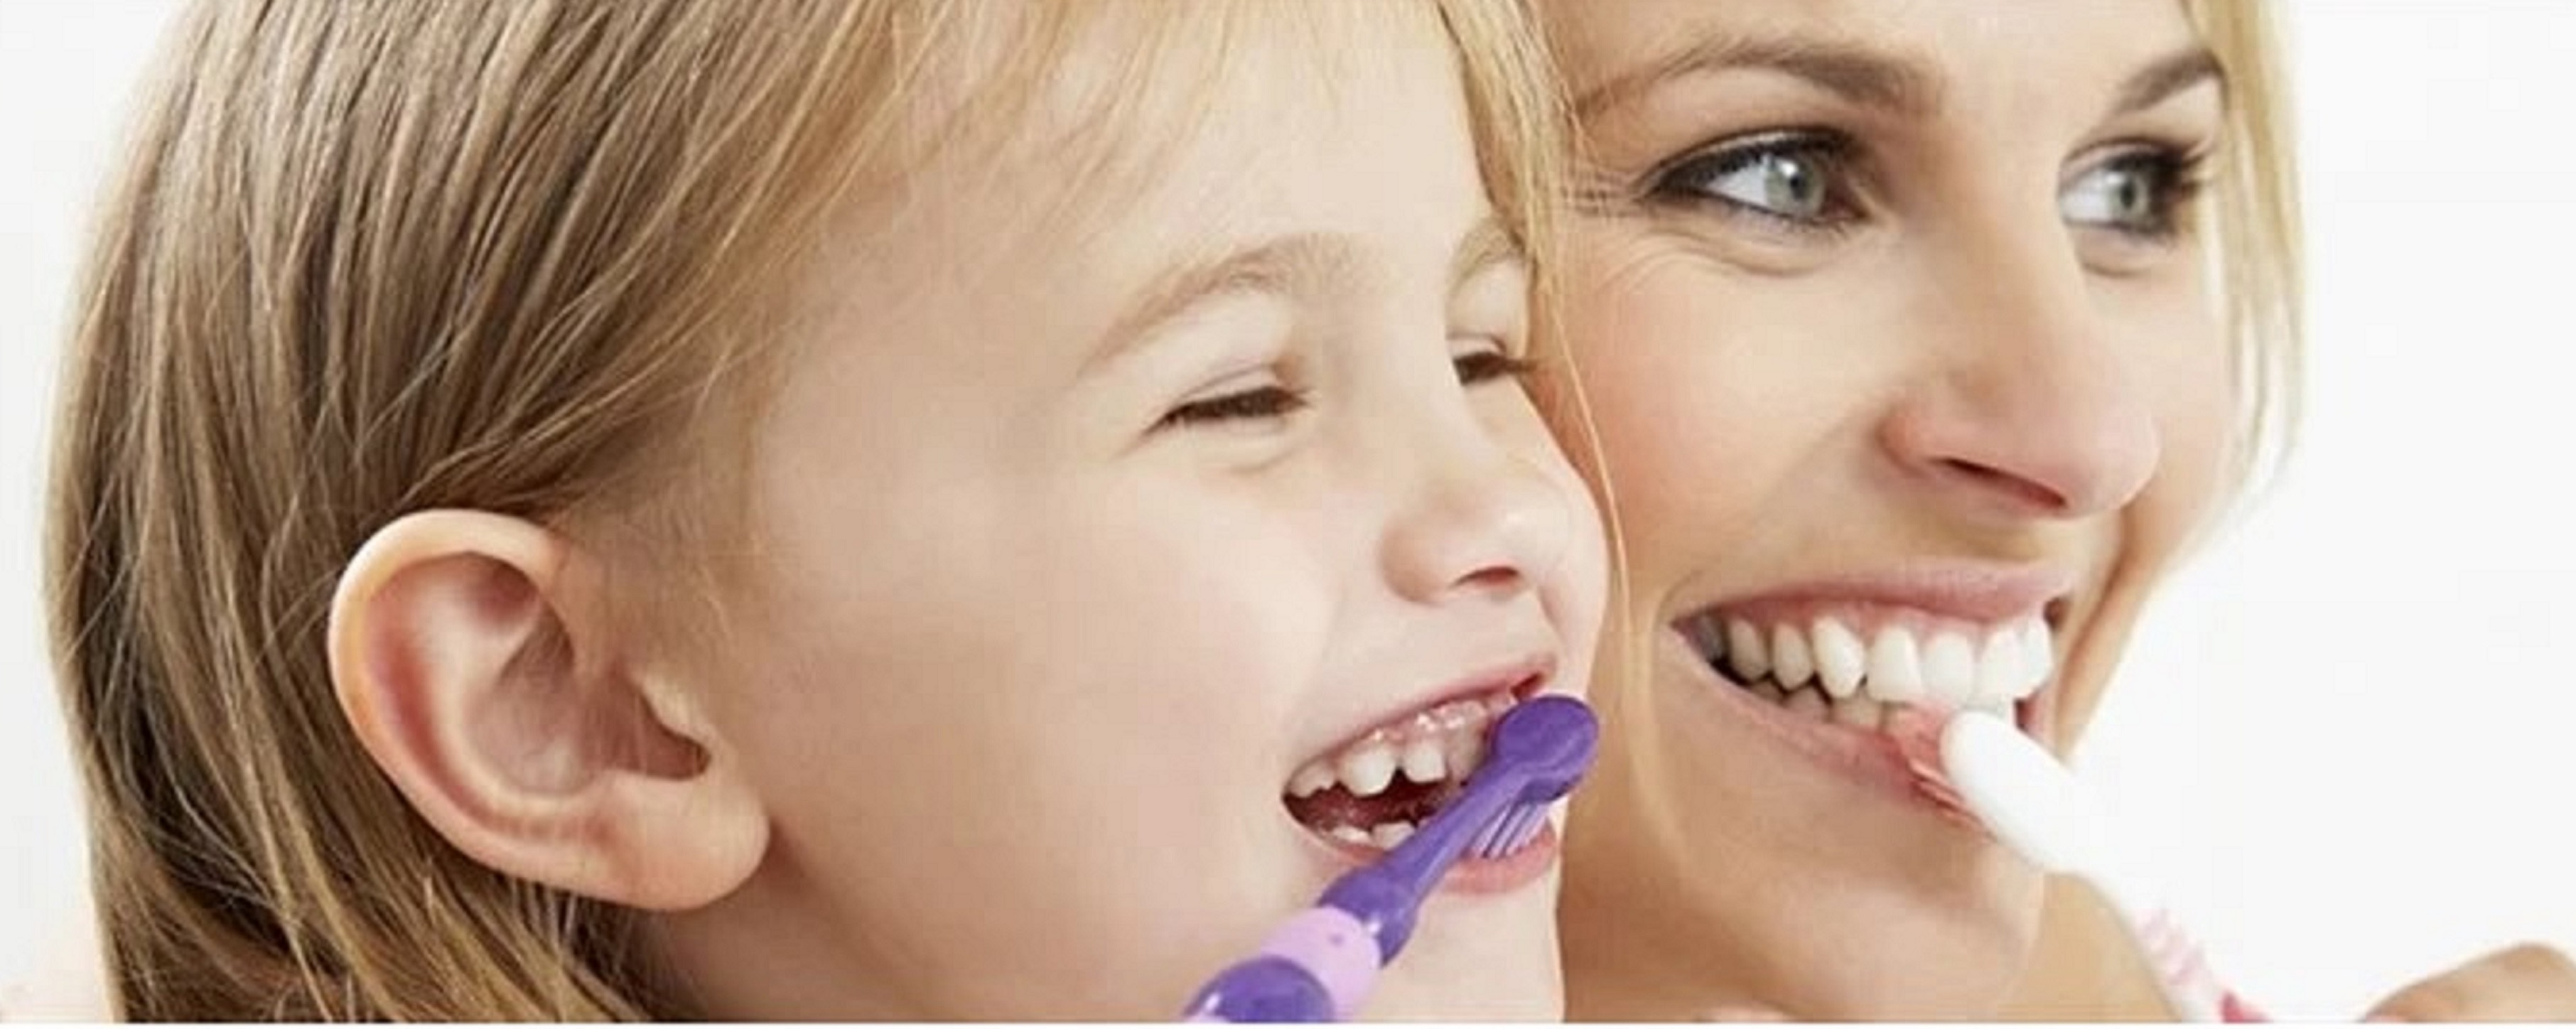 Good Oral Hygiene in Children